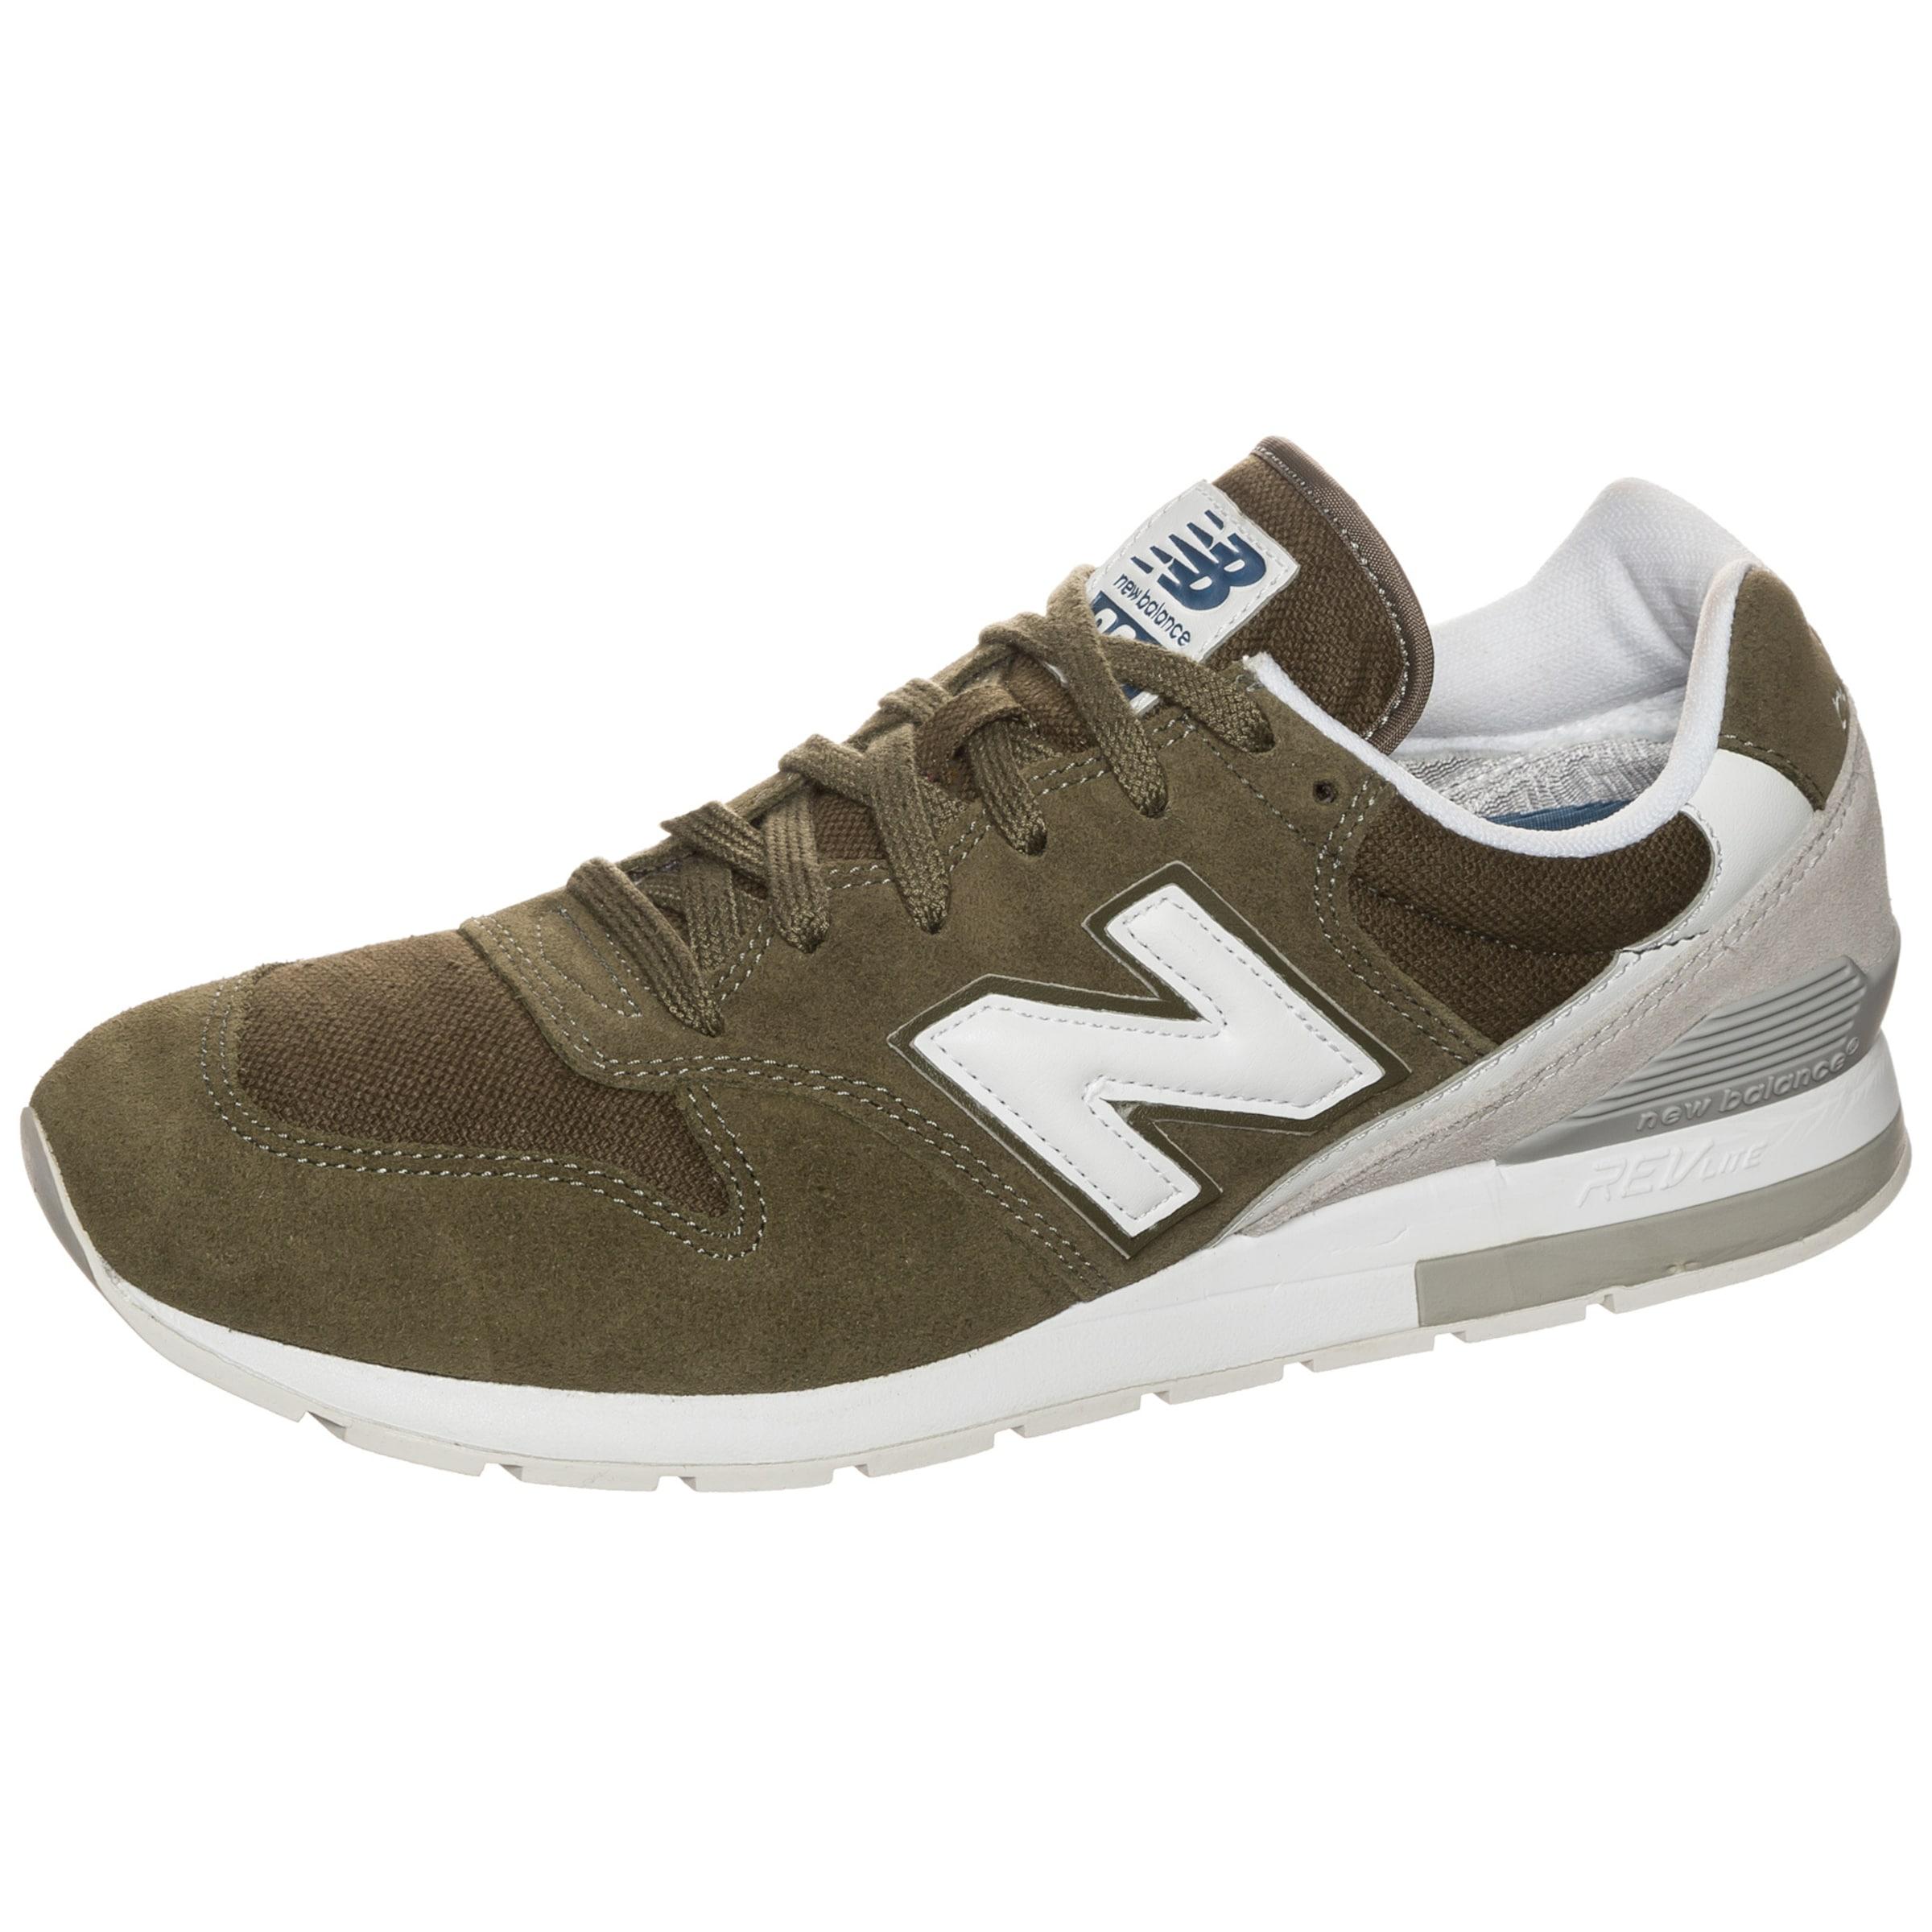 new balance MRL996-JZ-D Sneaker Herren Hohe Qualität